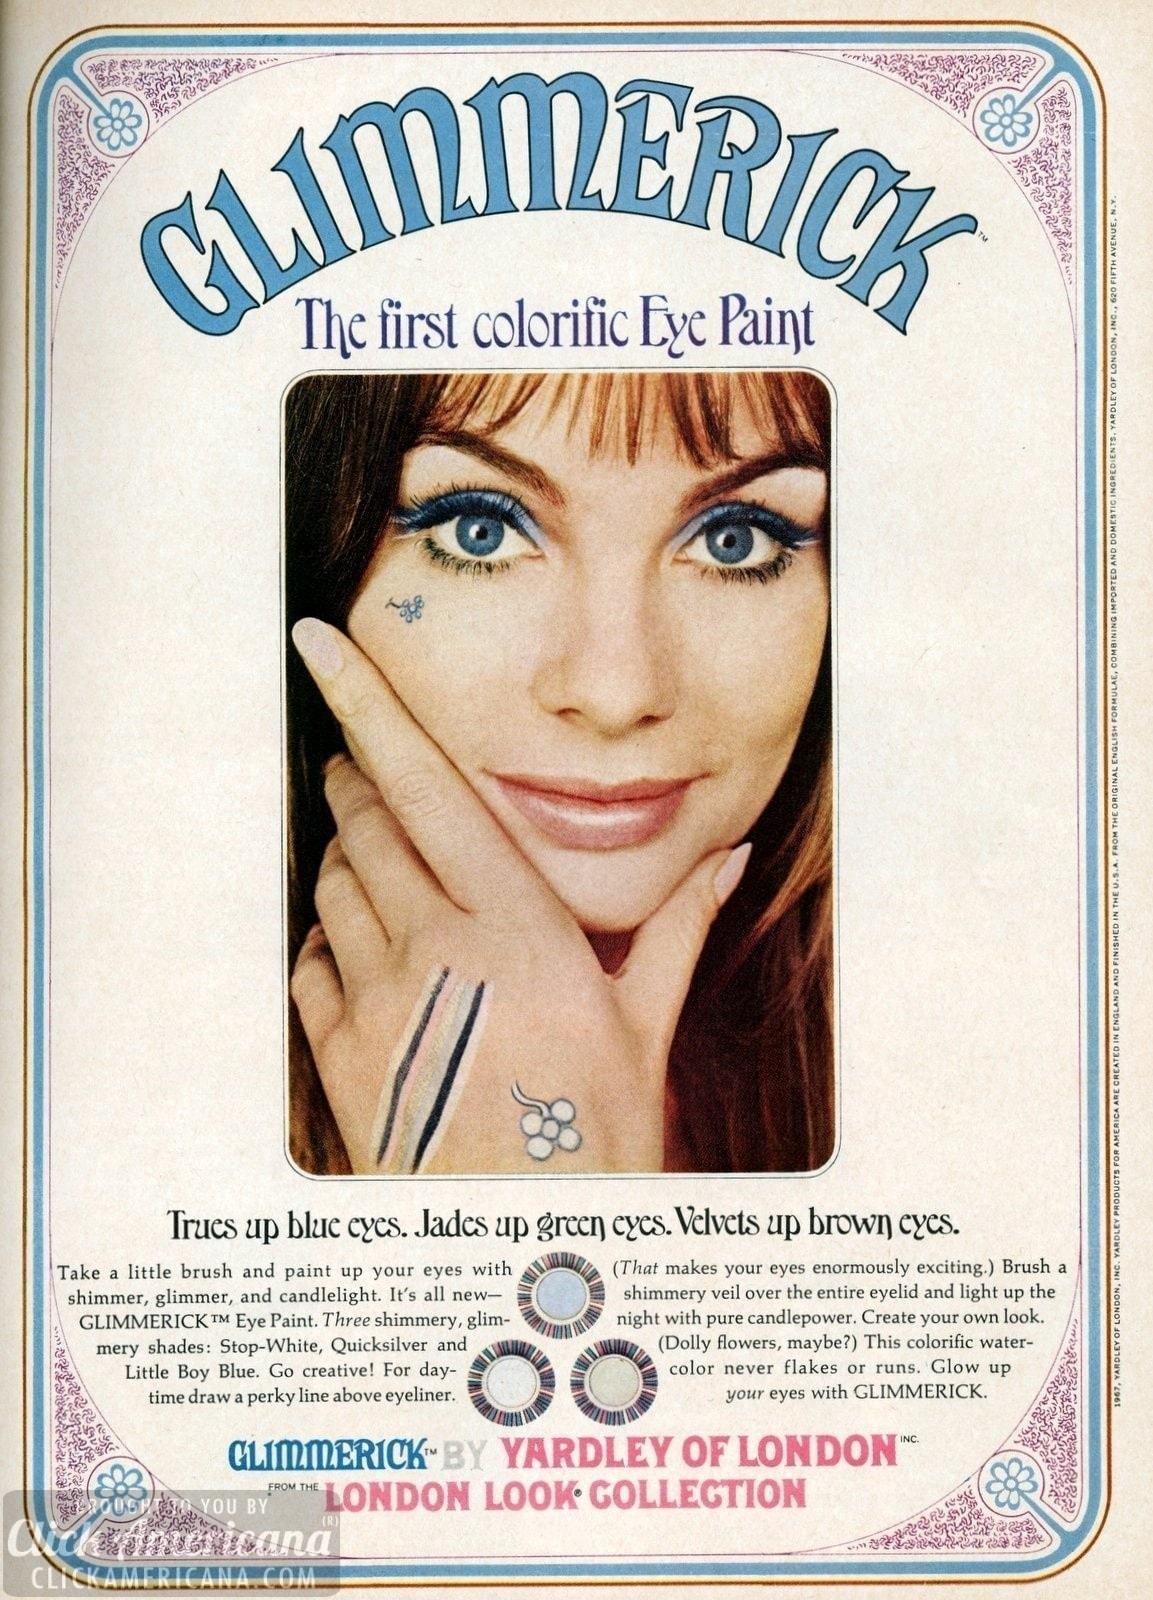 Glimmerick eye polish & eye paint makeup (1967)